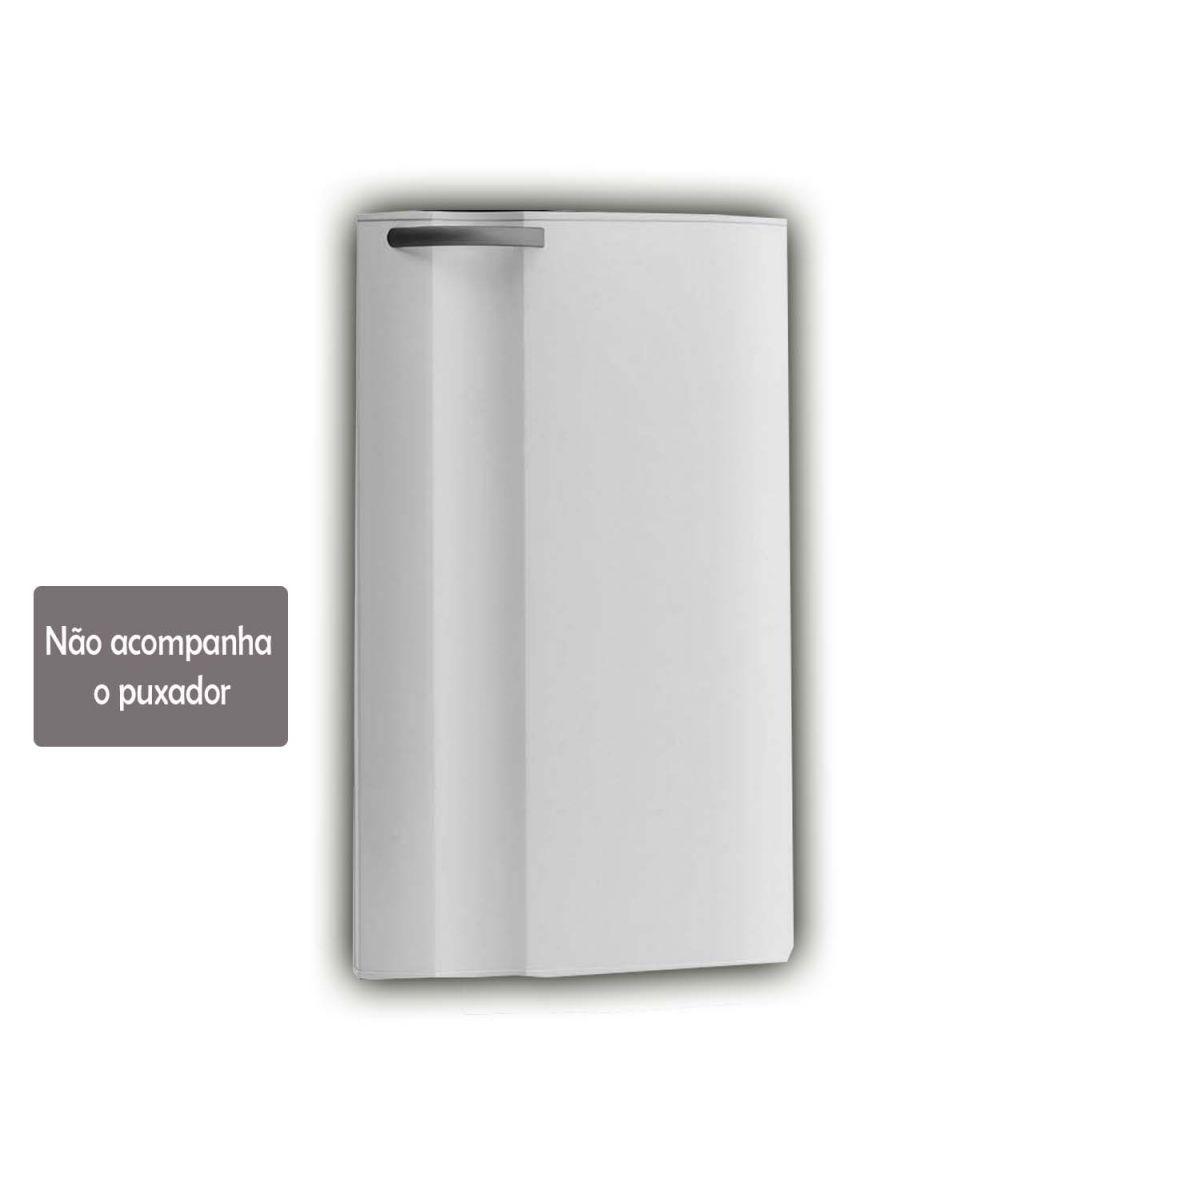 Porta Inferior Branca Refrigerador Dc39A Dc41 Dc39 70291385